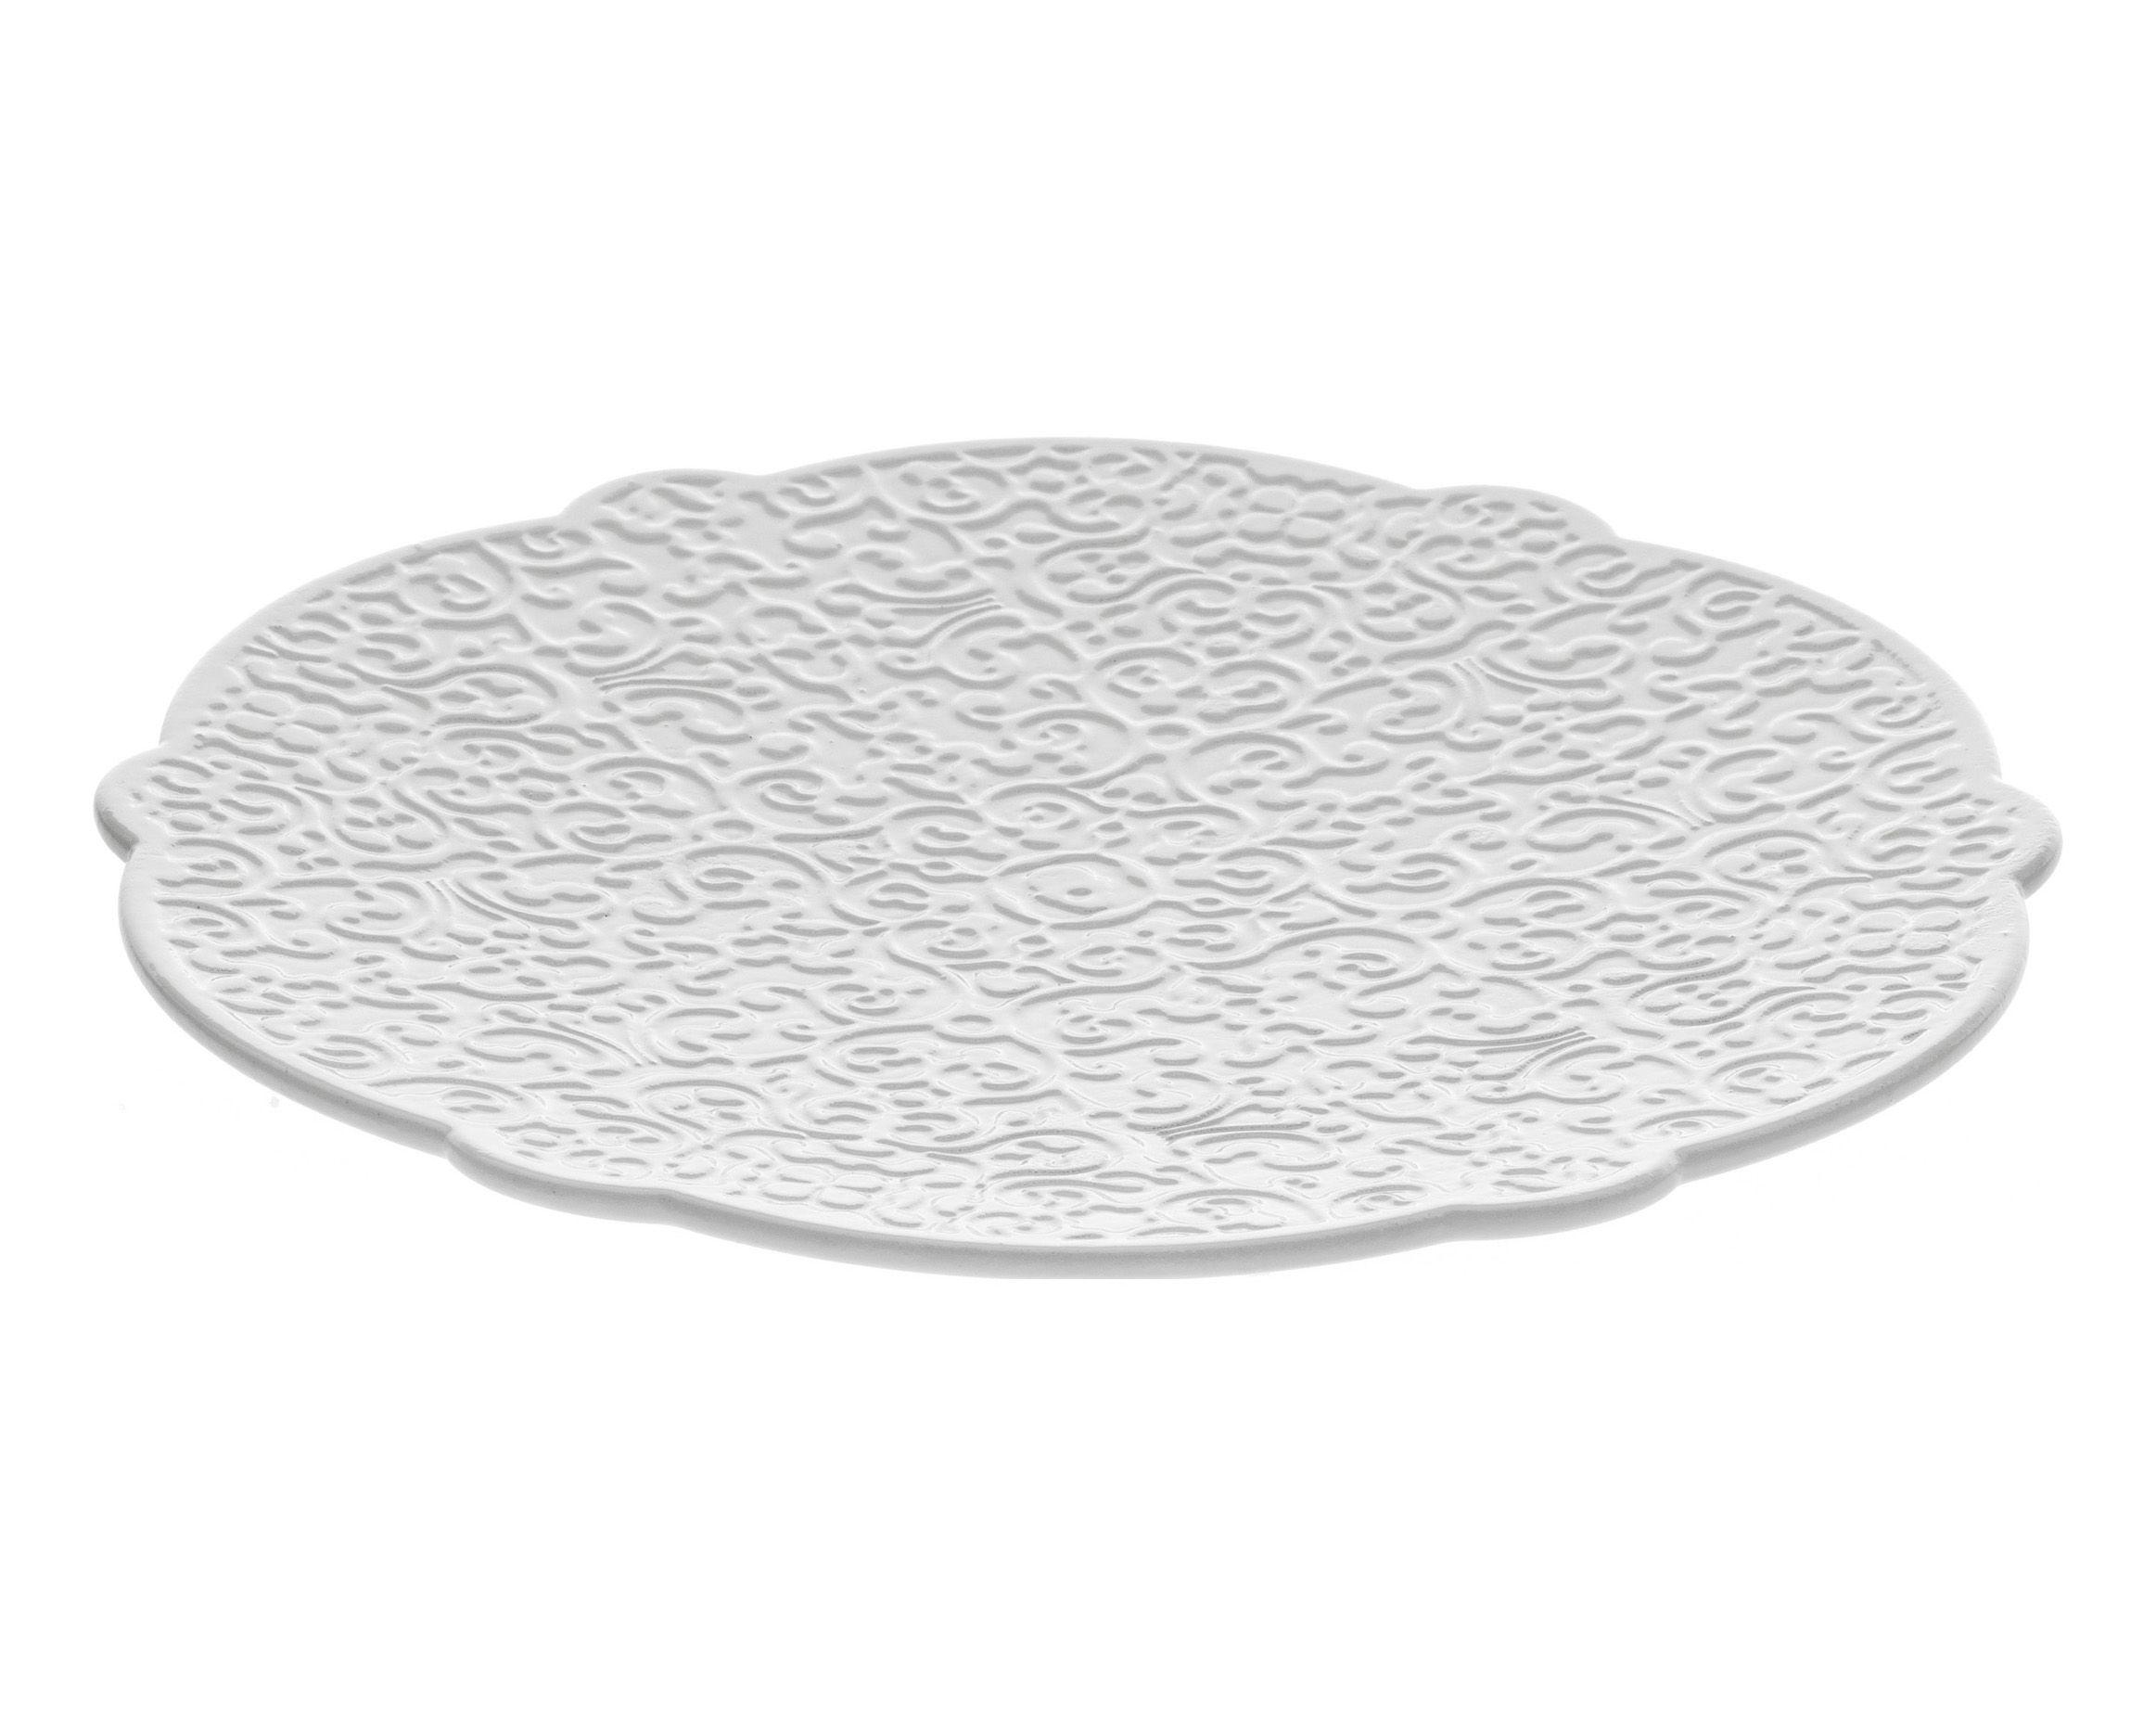 Arts de la table - Tasses et mugs - Soucoupe Dressed pour tasse à café - Alessi - Soucoupe pour tasse moka - Blanc - Porcelaine